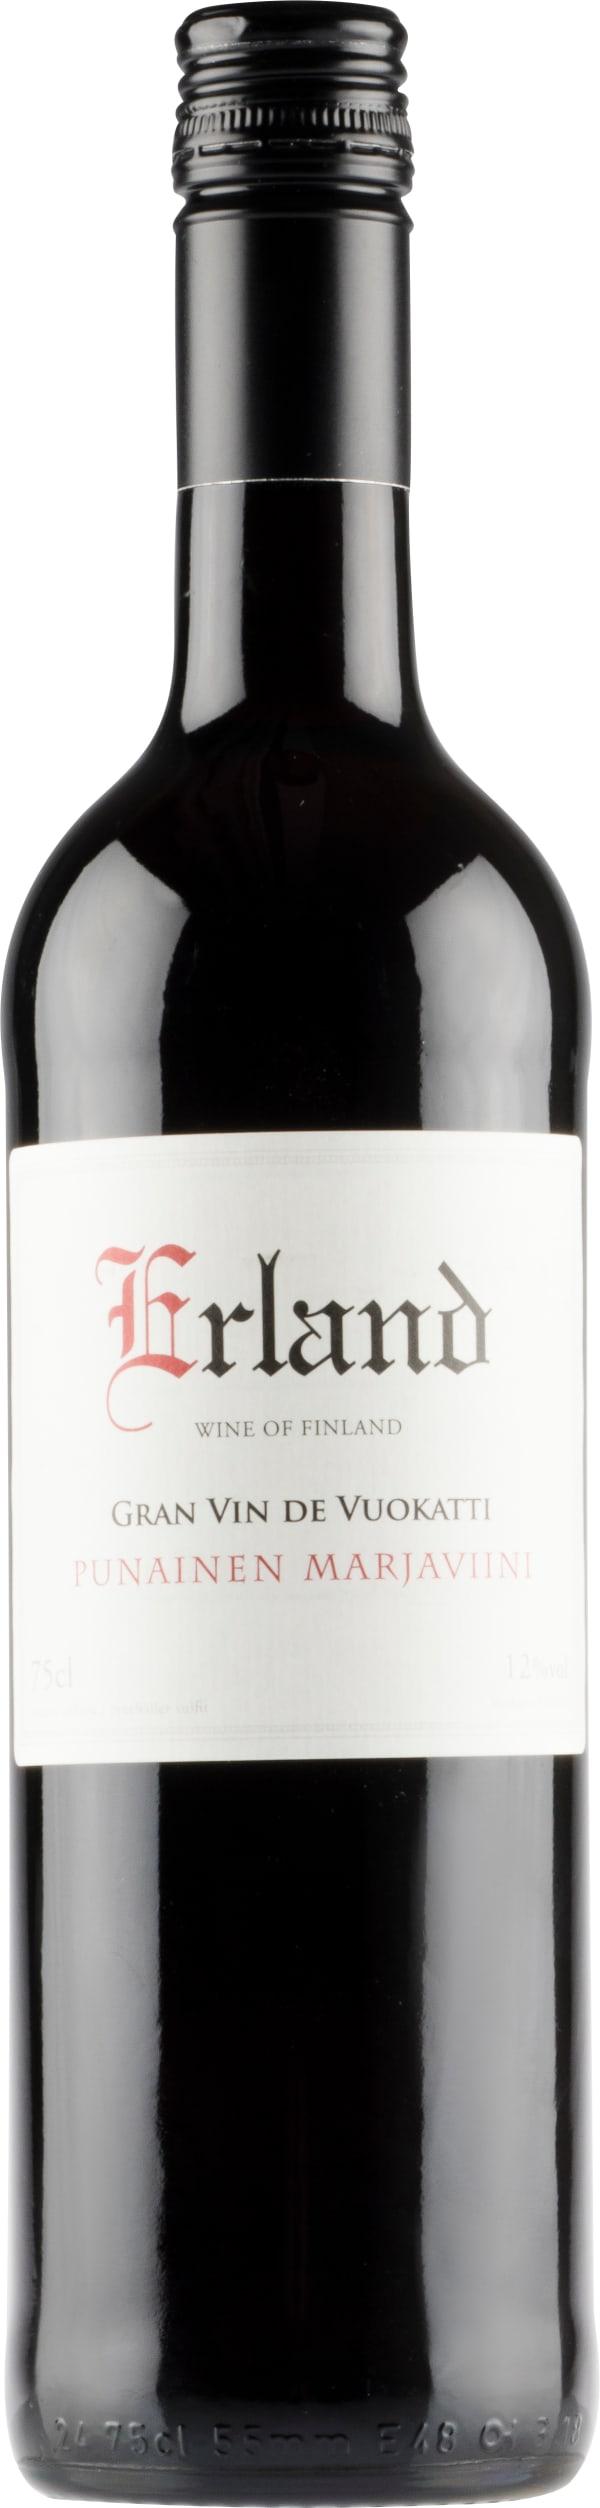 Erland Gran Vin de Vuokatti